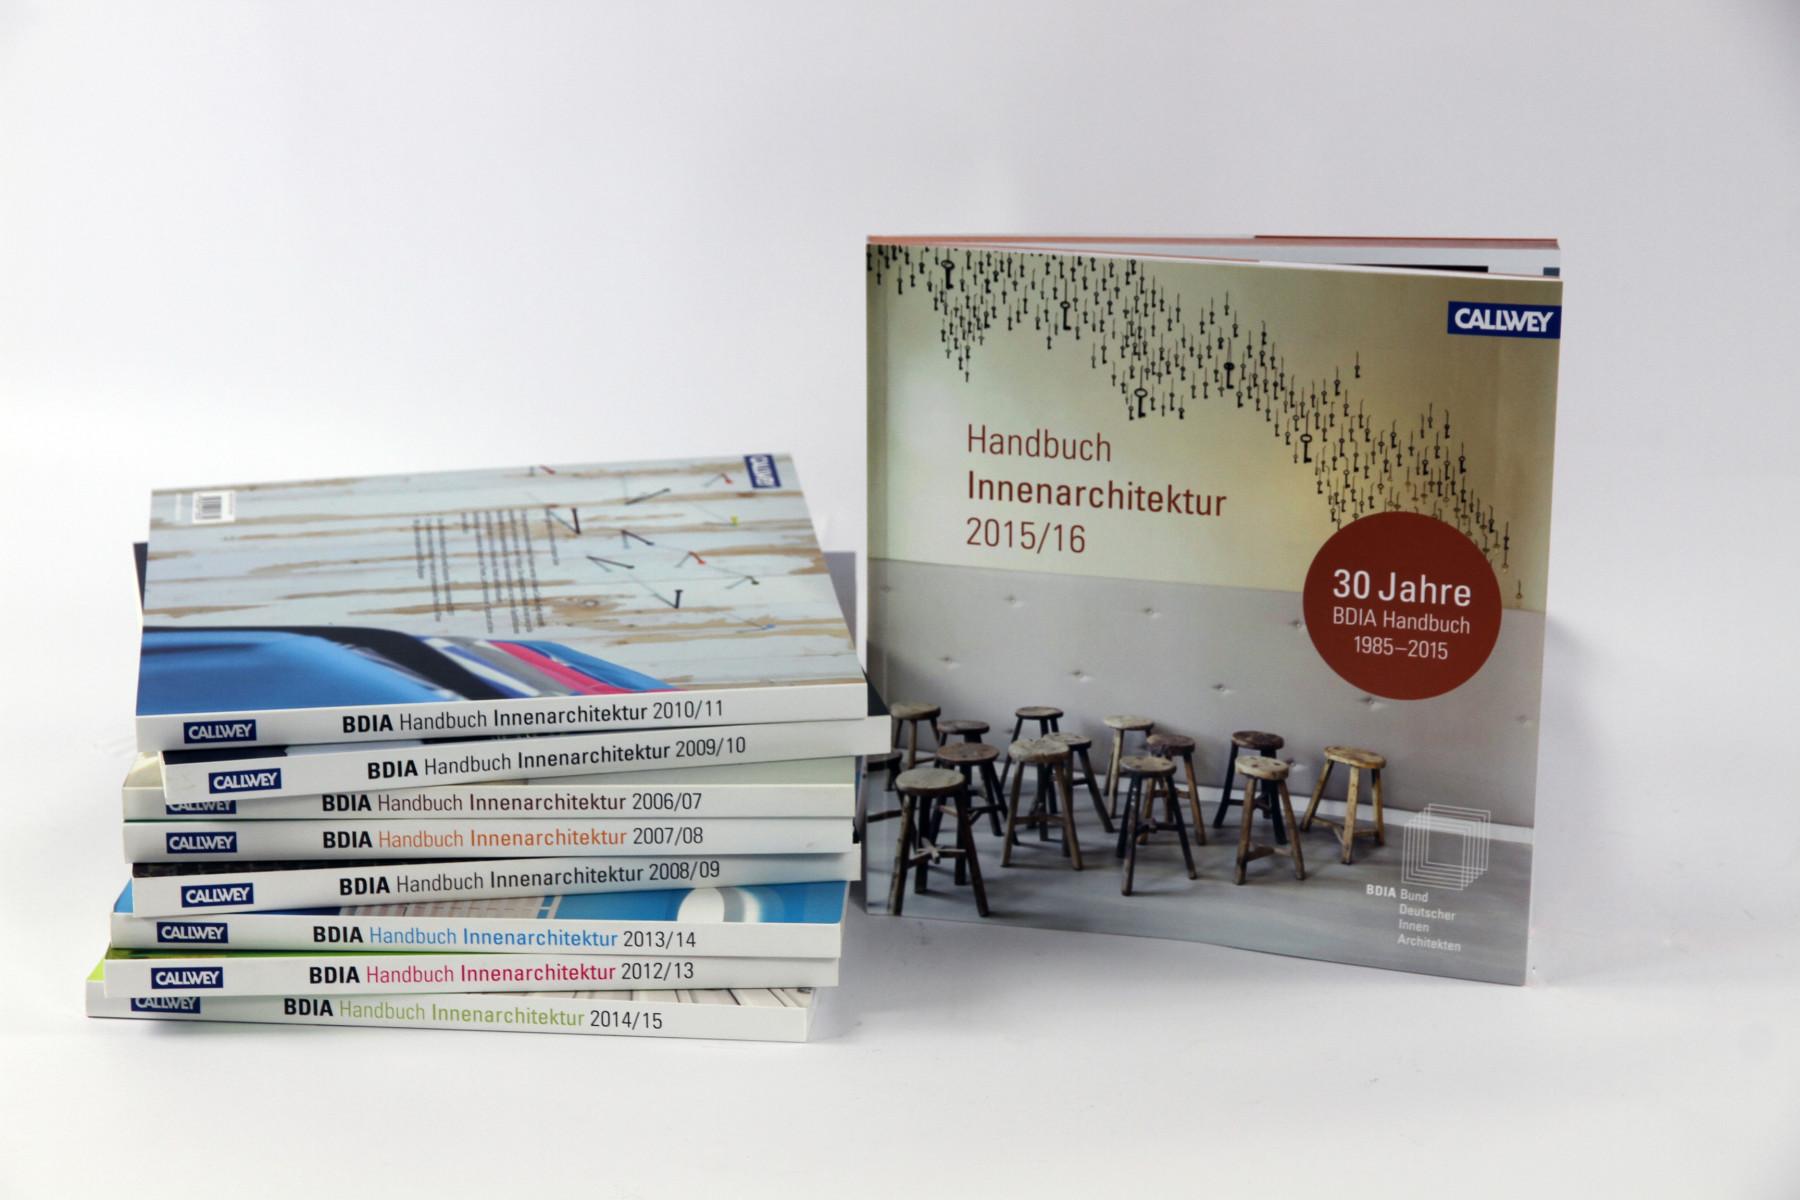 Innenarchitektur Verband Deutschland bdia handbuch innenarchitektur 2015 16